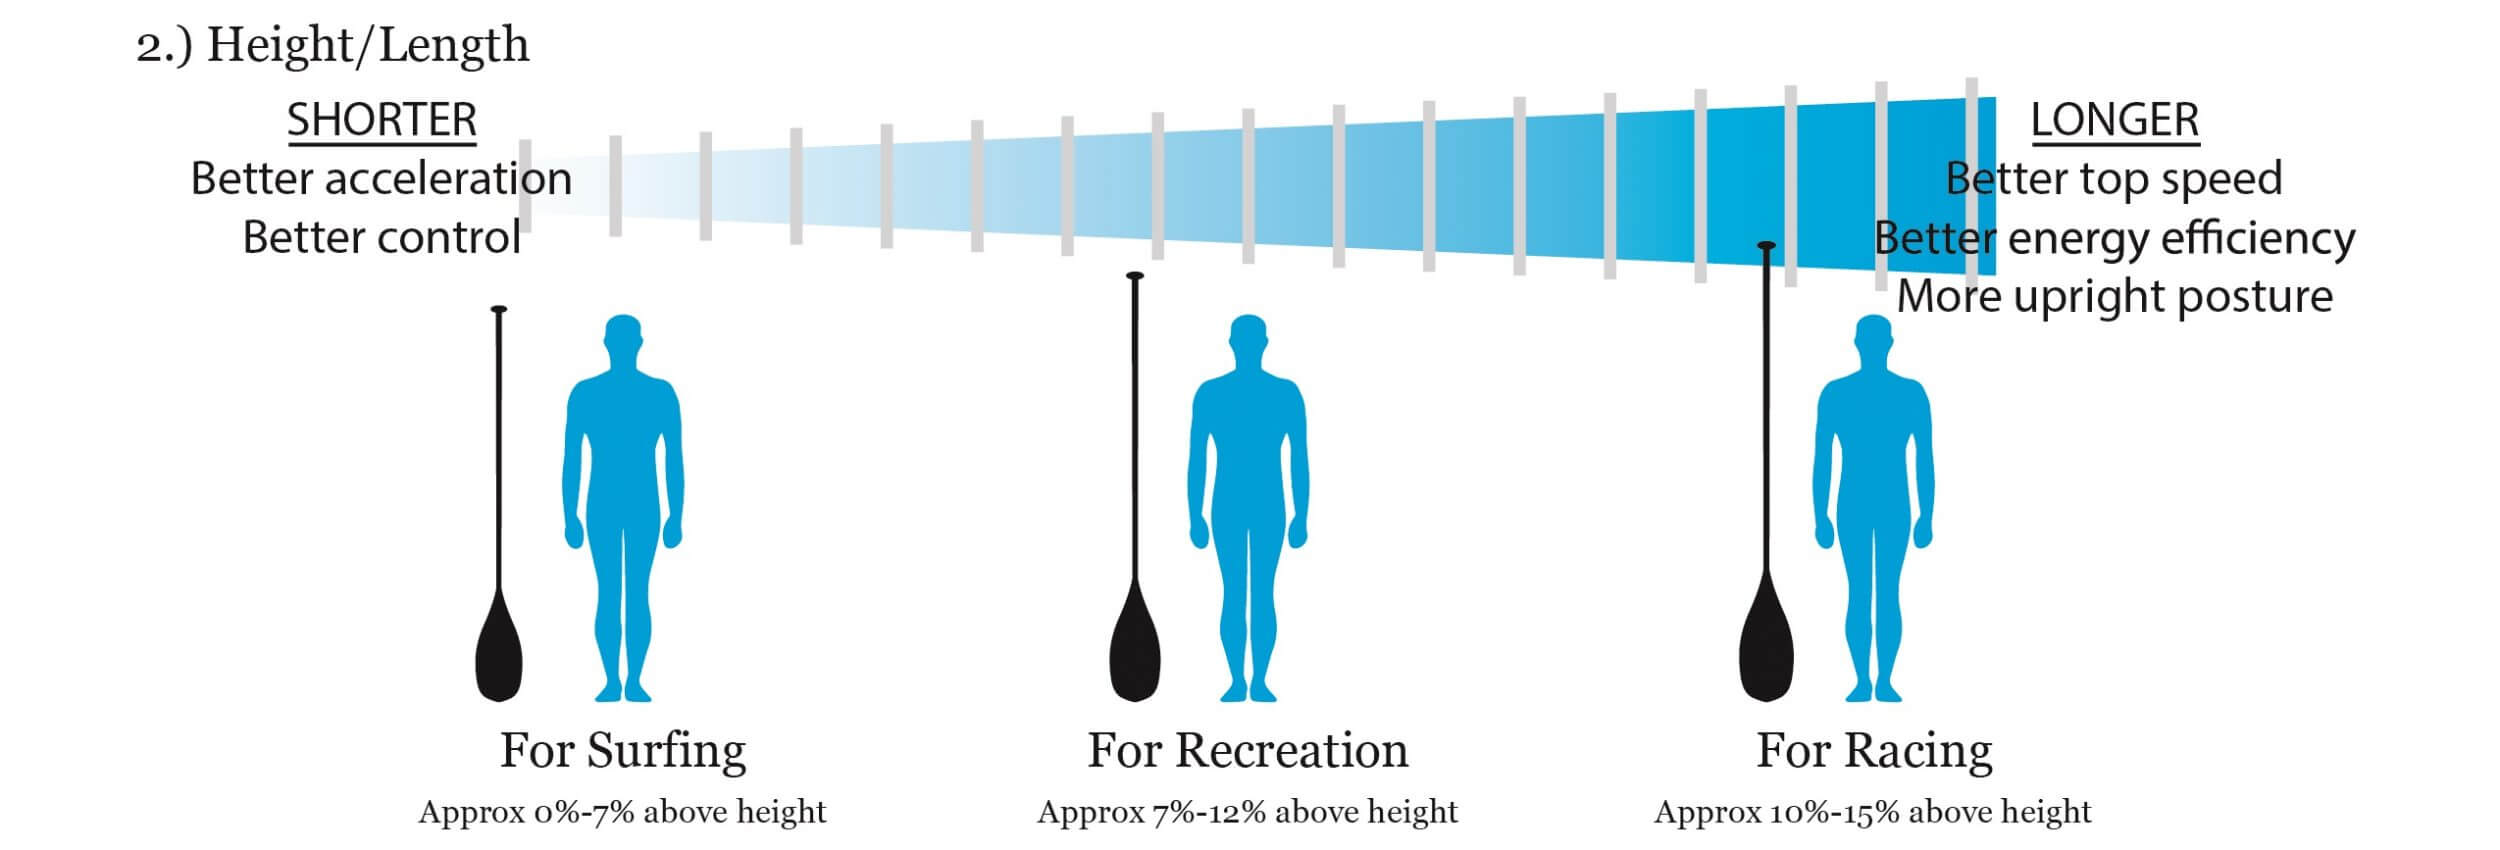 paddle length